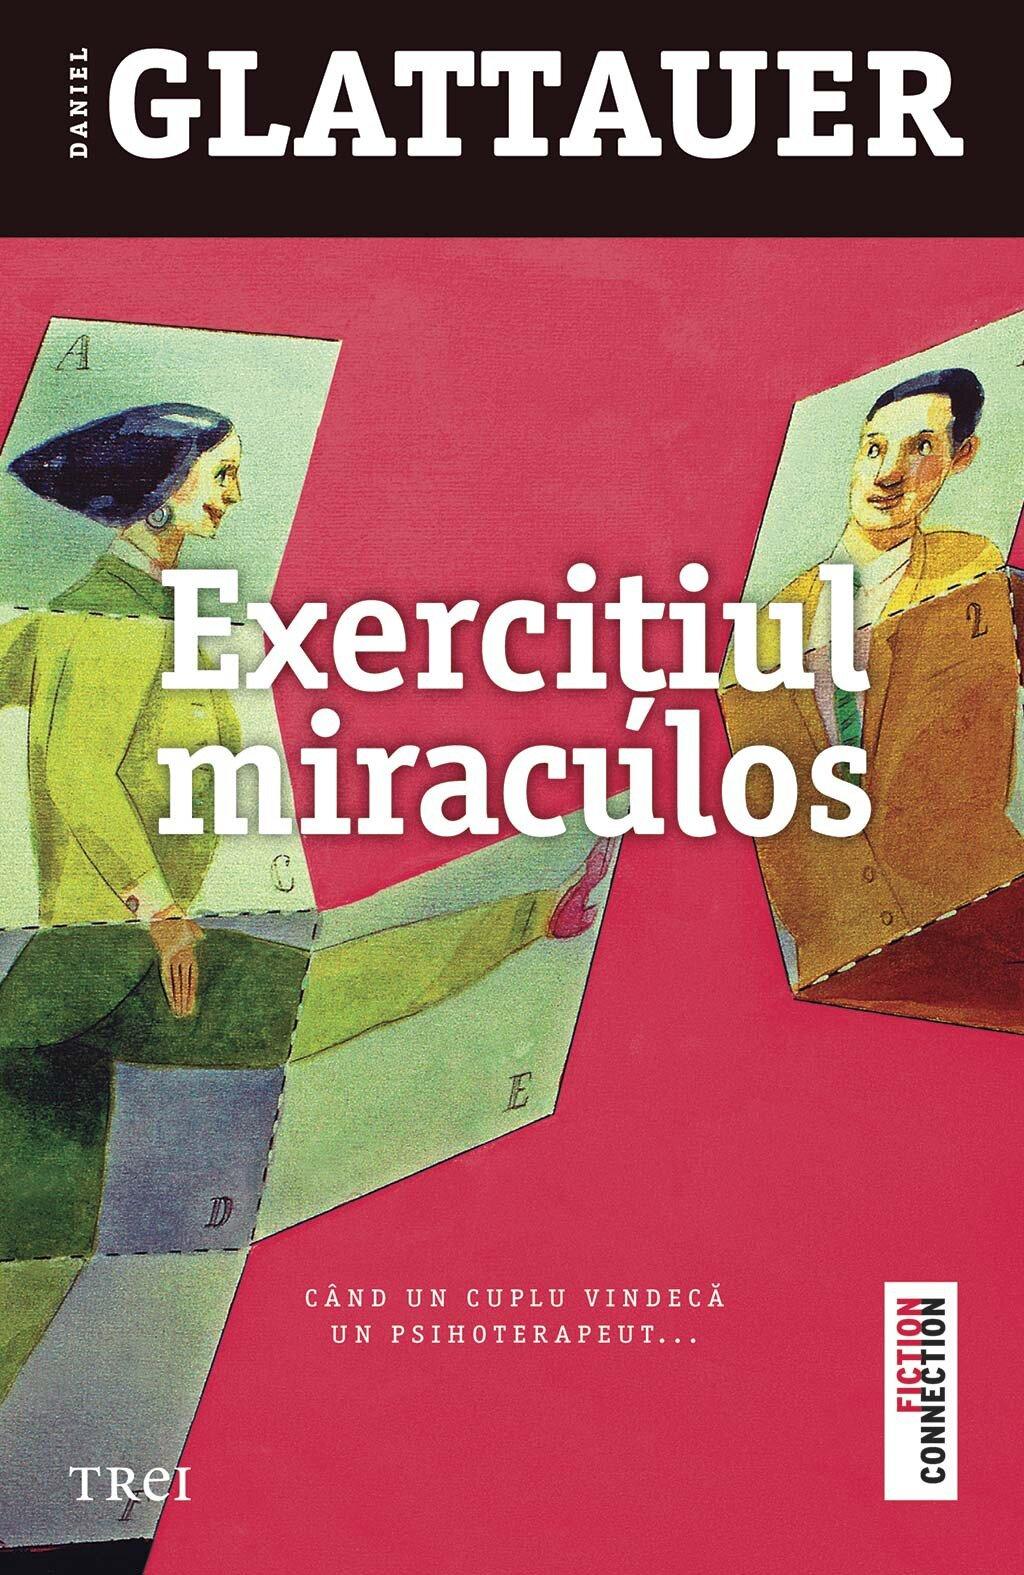 Exercitiul miraculos. Cand un cuplu vindeca un psihoterapeut (eBook)